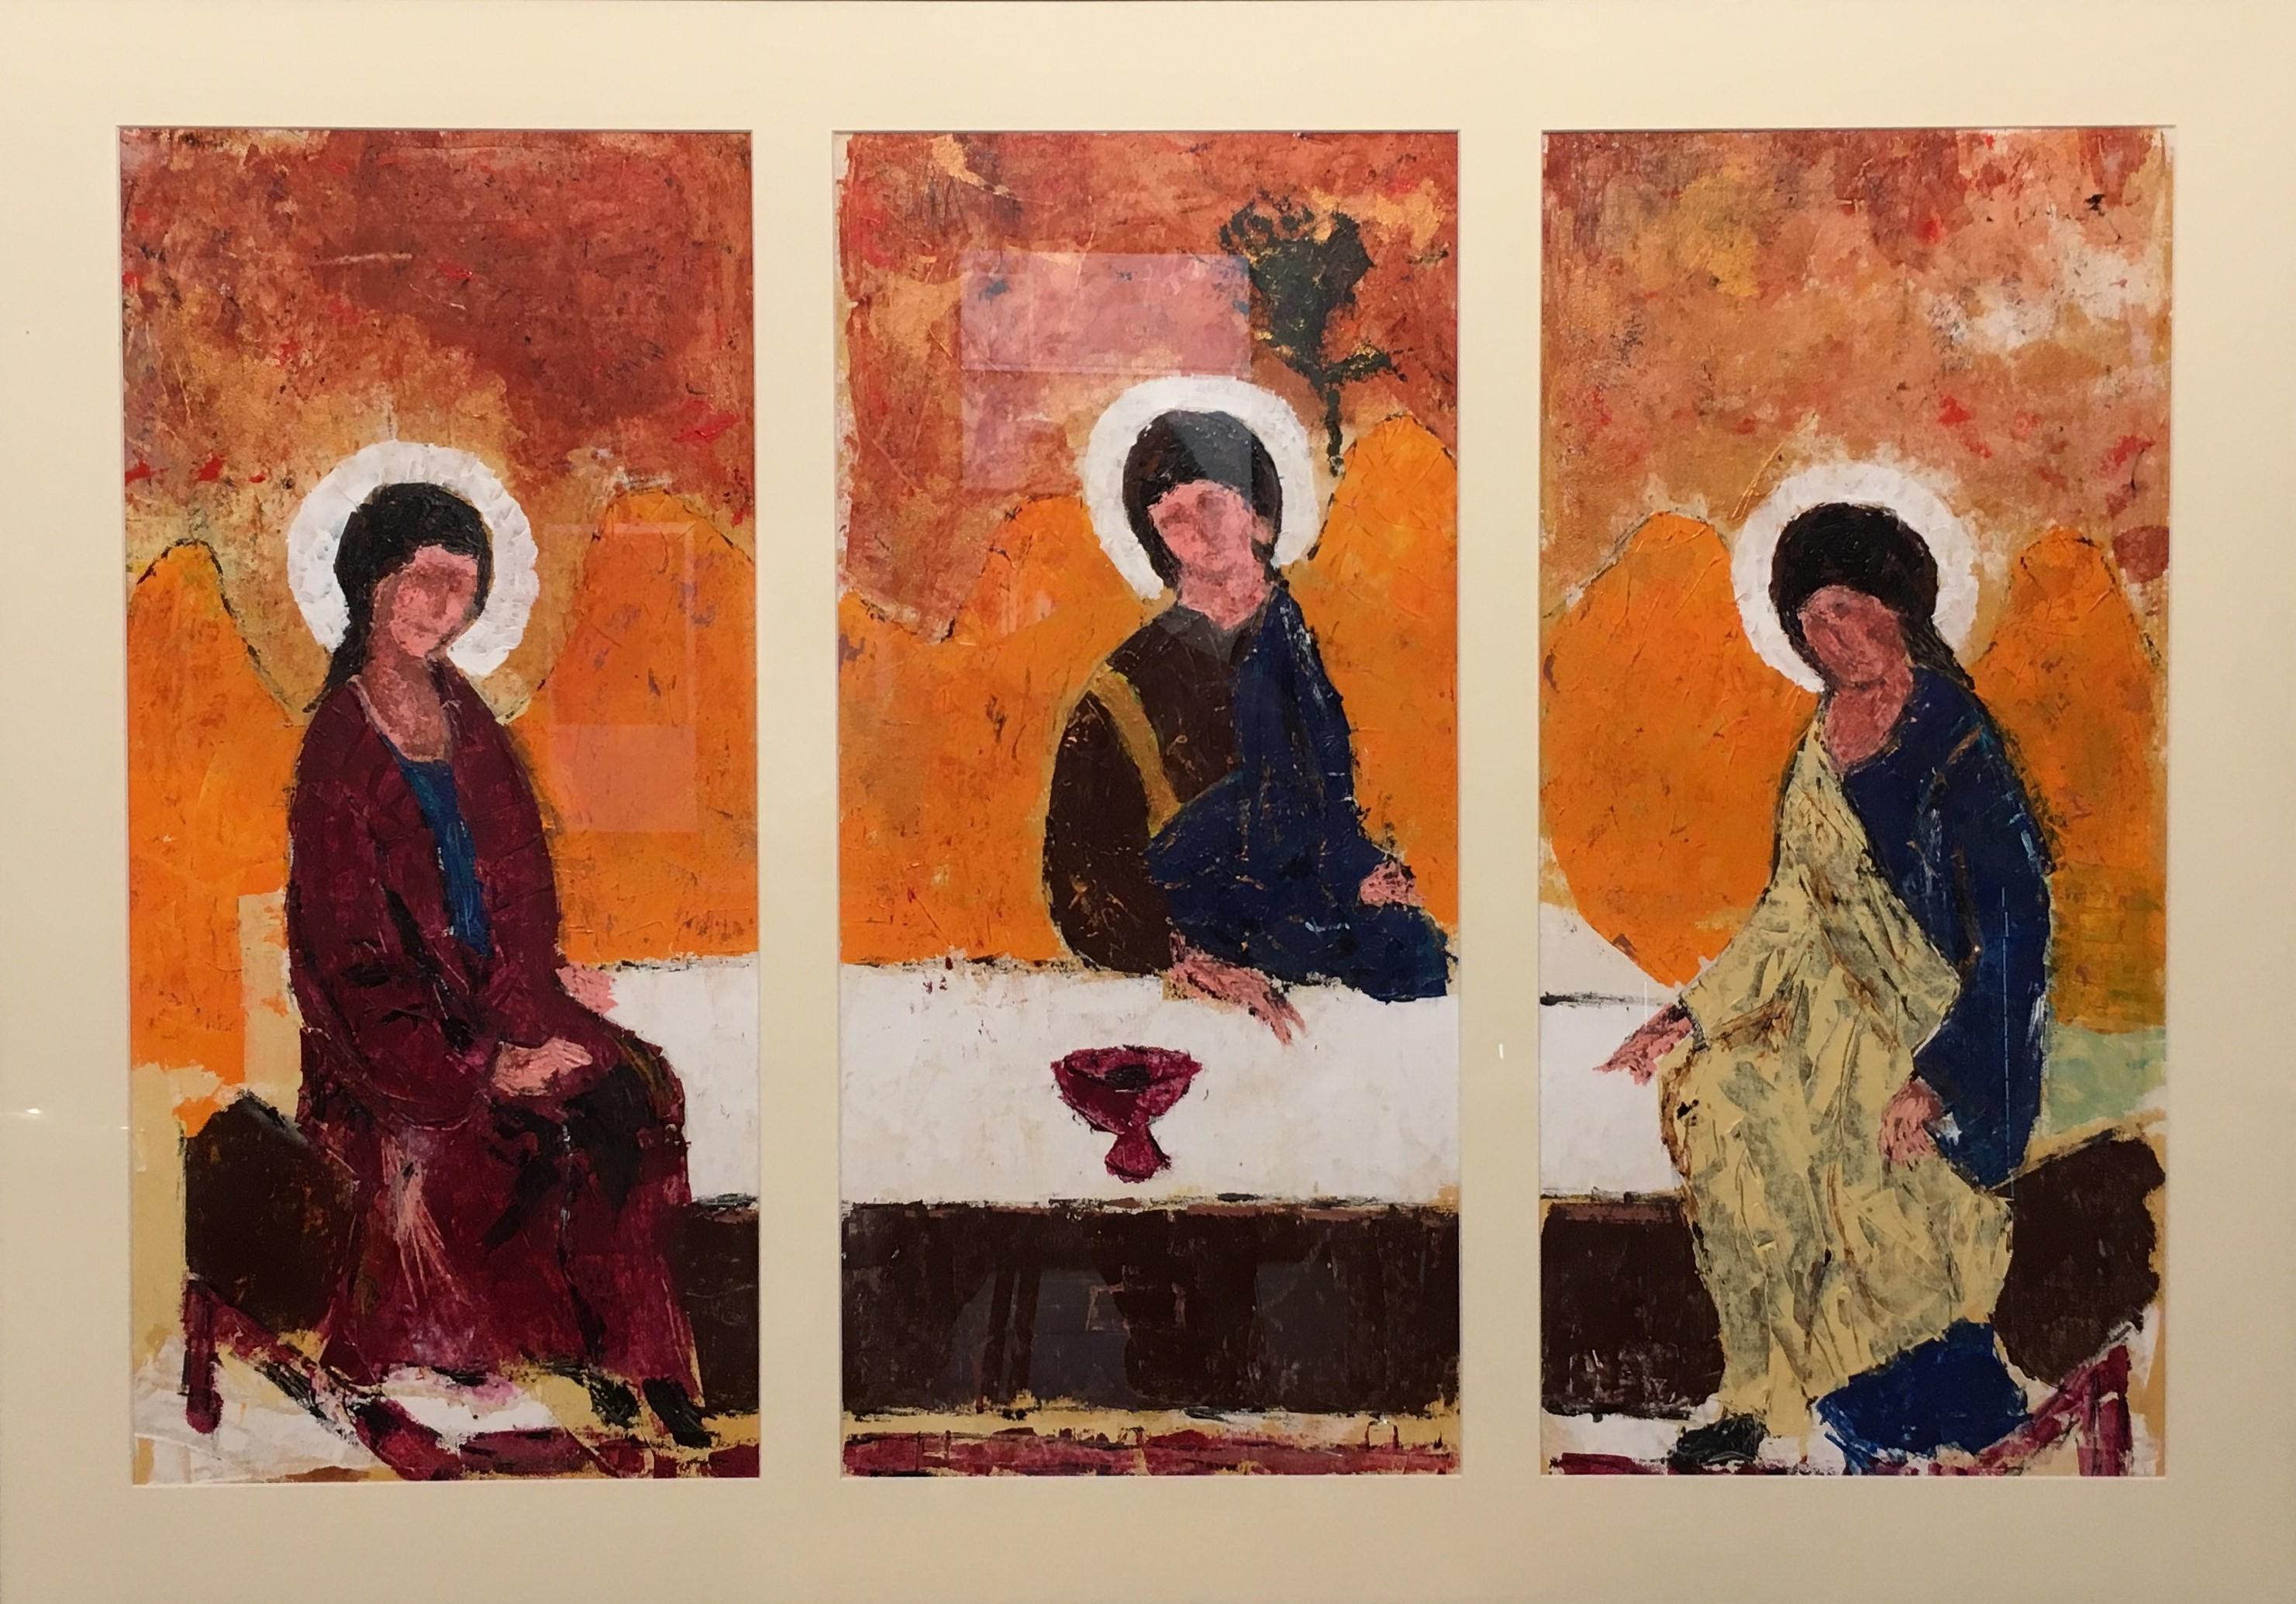 N° 1591 - Phyloxénie - Acrylique sur toile - Triptyque 3 (64 X 31 cm) - 2 octobre 2014